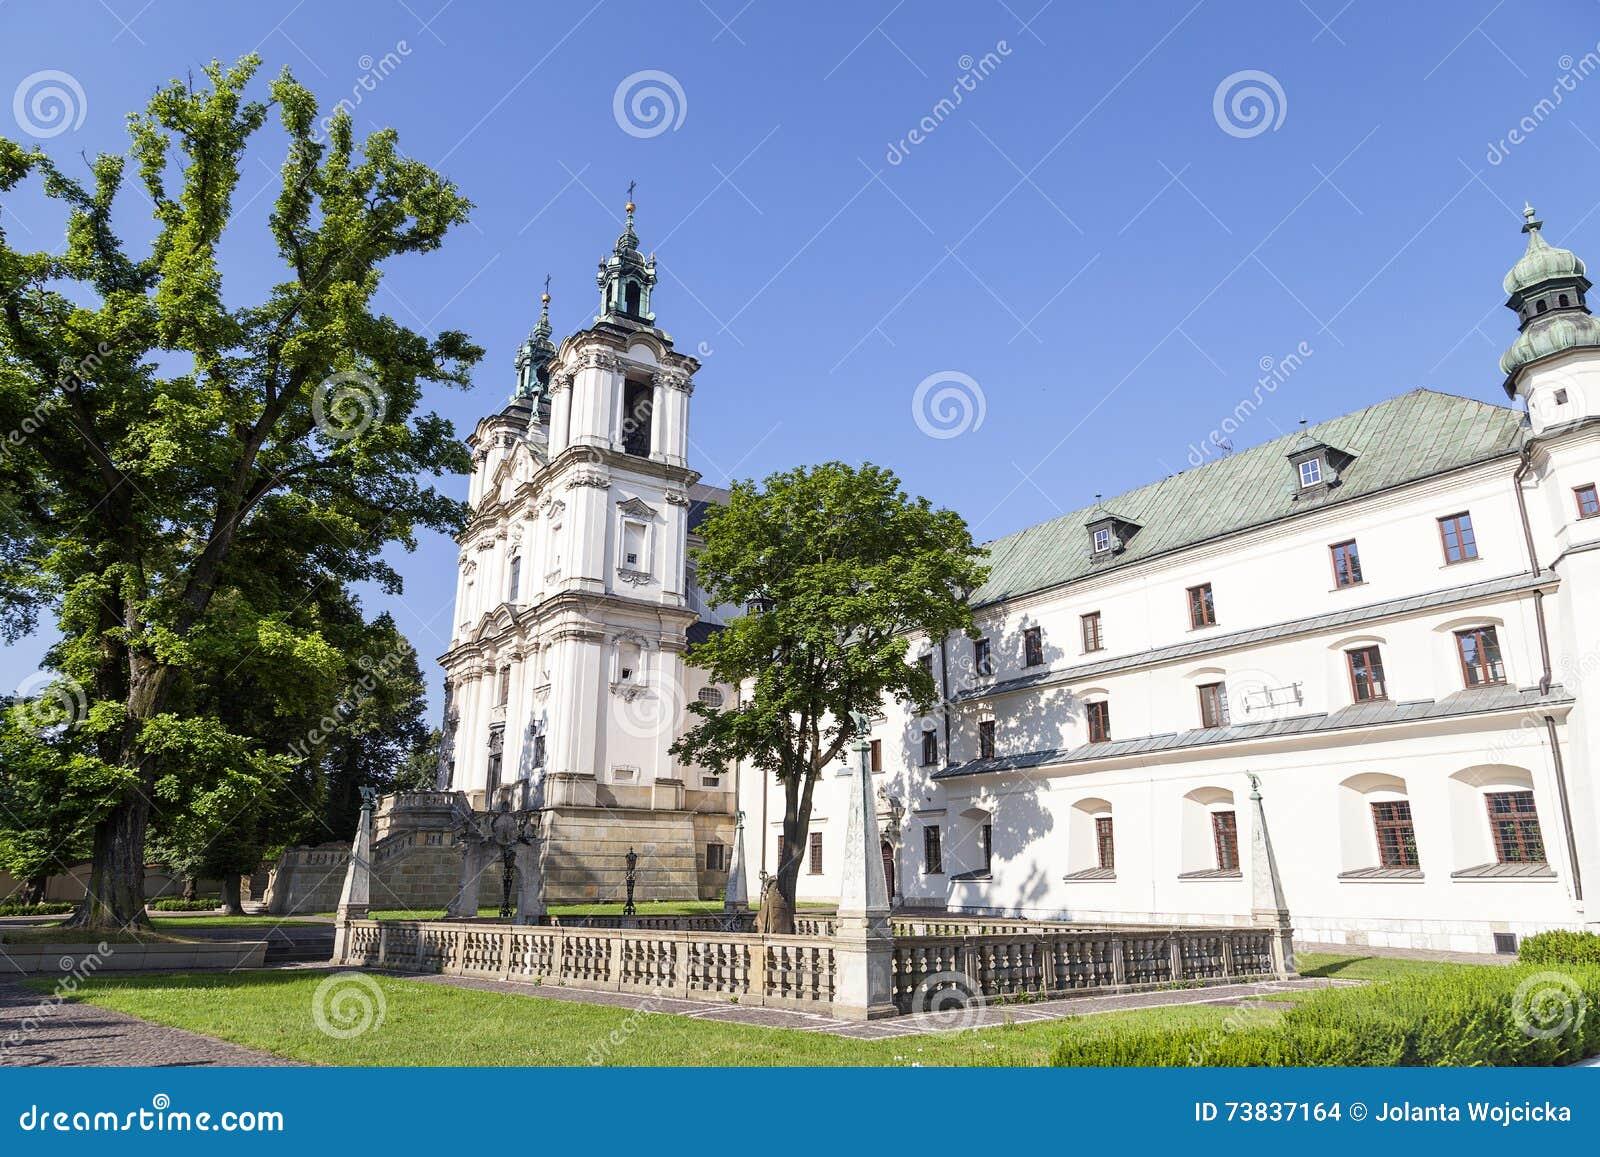 Church on Skalka, Pauline Fathers Monastery, Krakow, Poland.